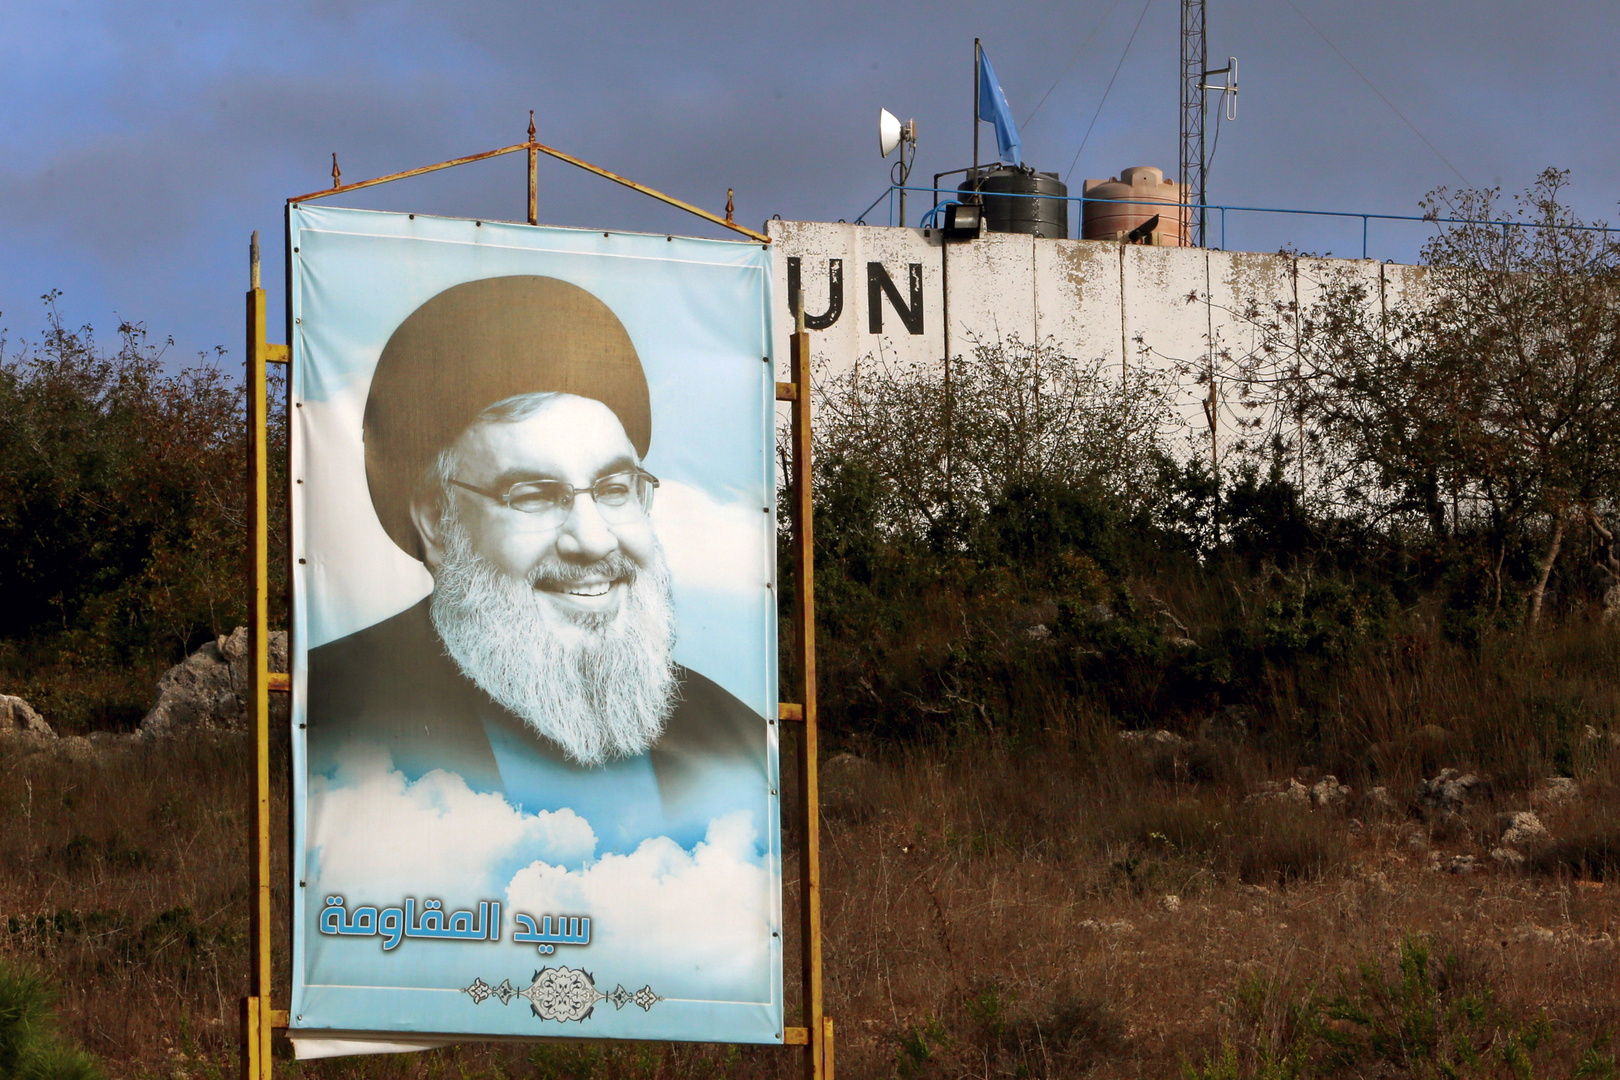 مسؤول أمني إسرائيلي: لو أرادت إسرائيل تصفية نصر الله لفعلت